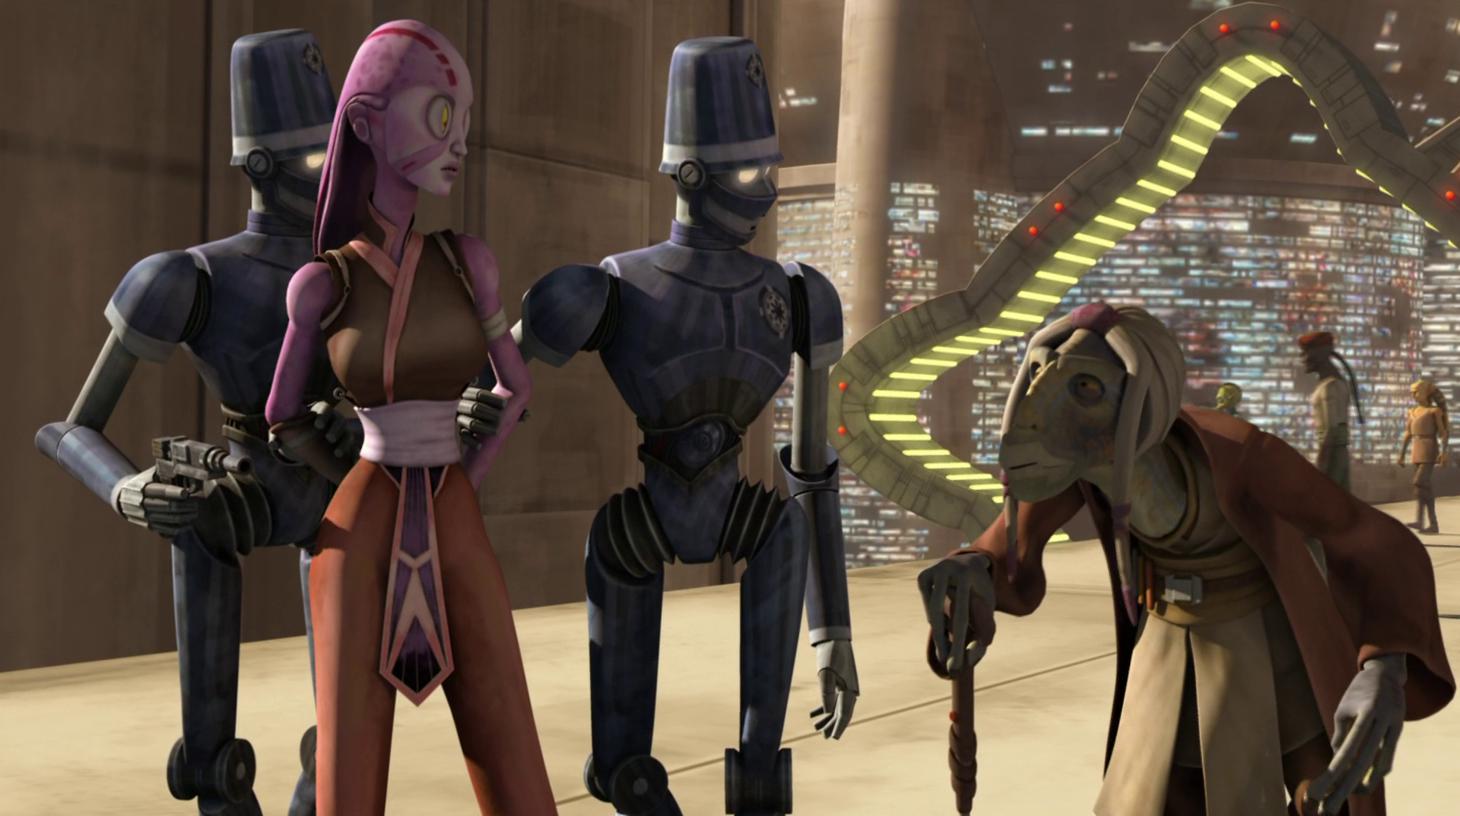 Jedi investigator